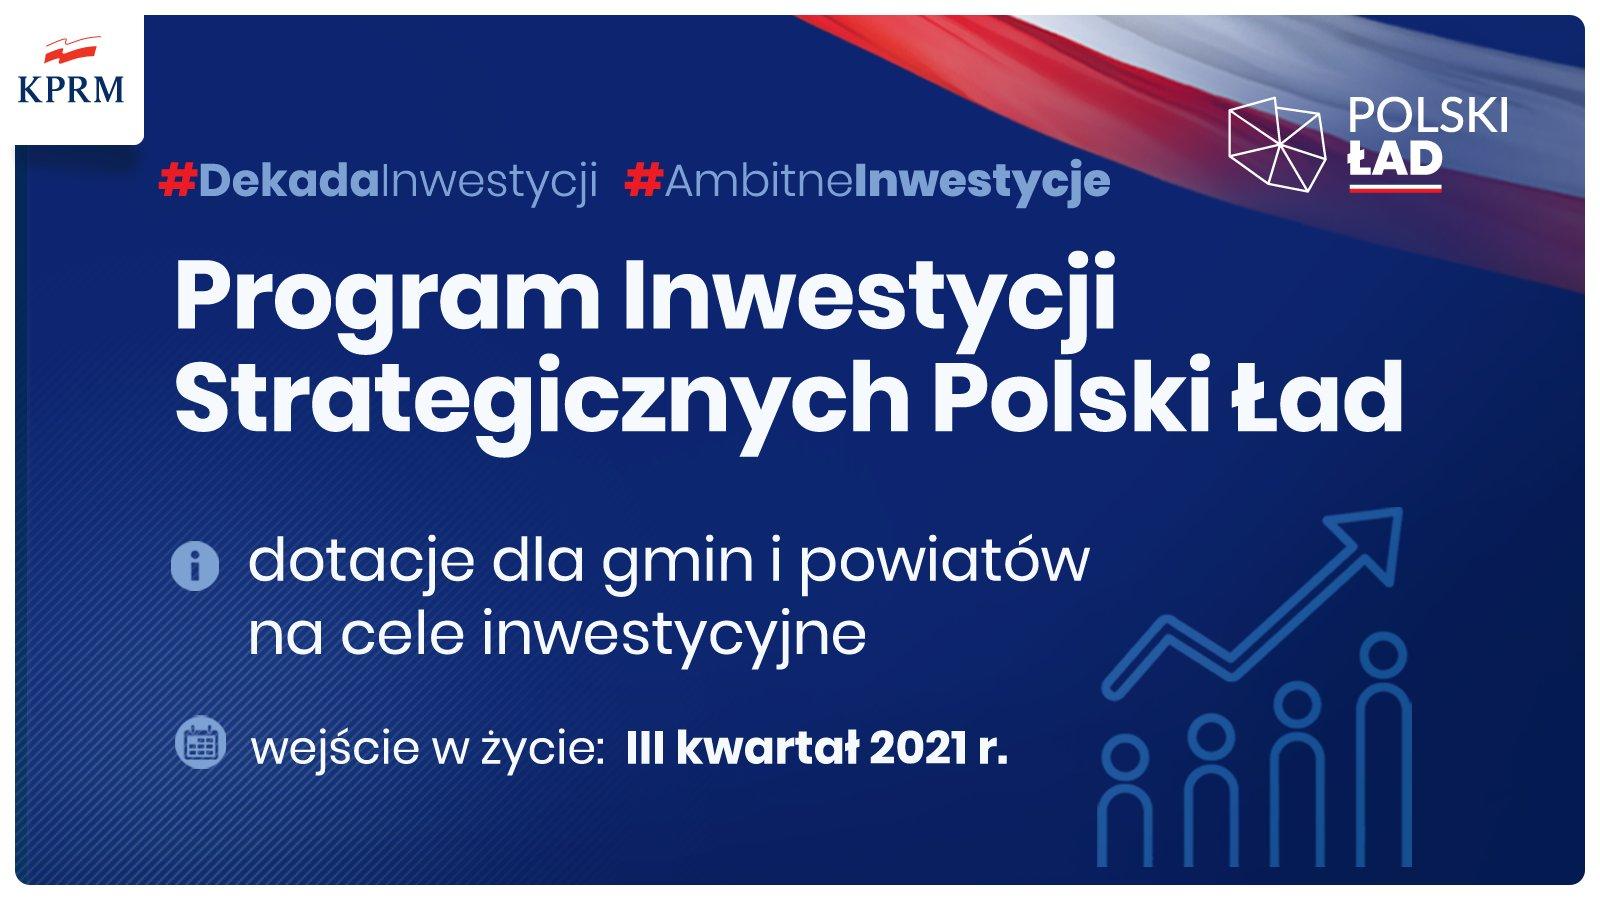 Program Inwestycji Strategicznych